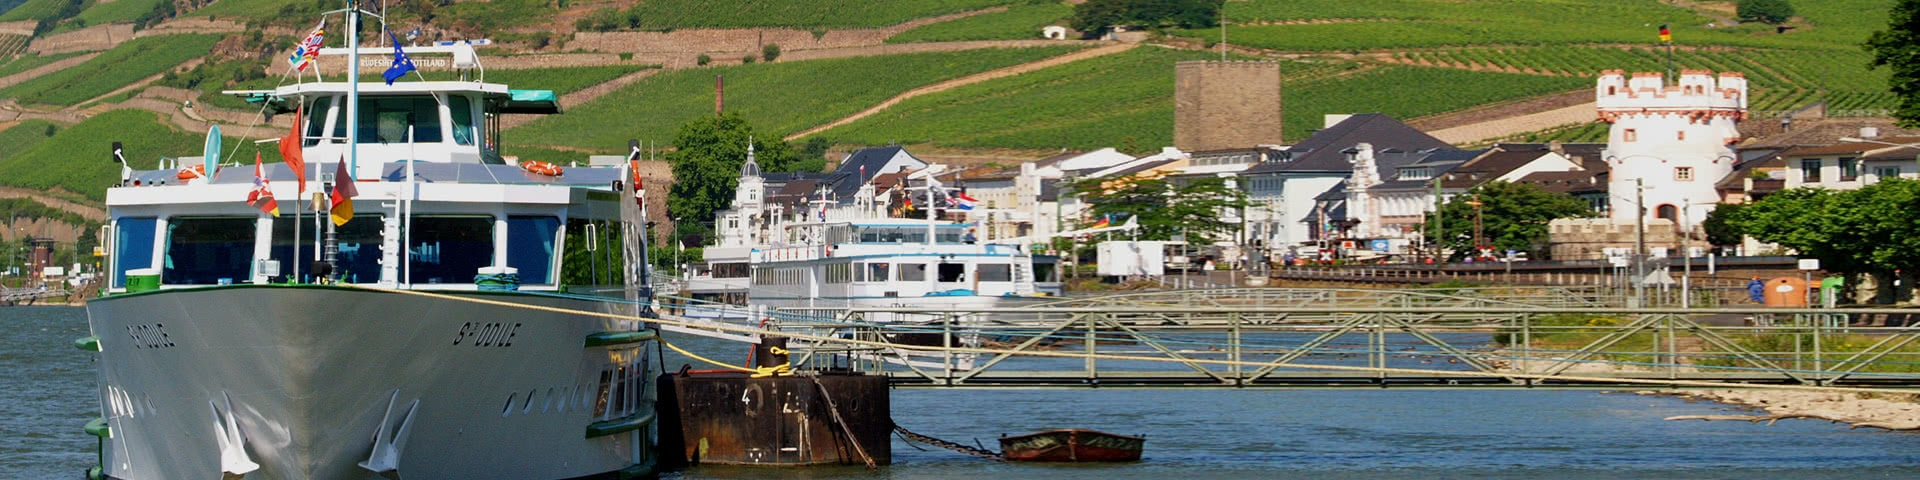 Schiff an einem Anleger in Rüdesheim